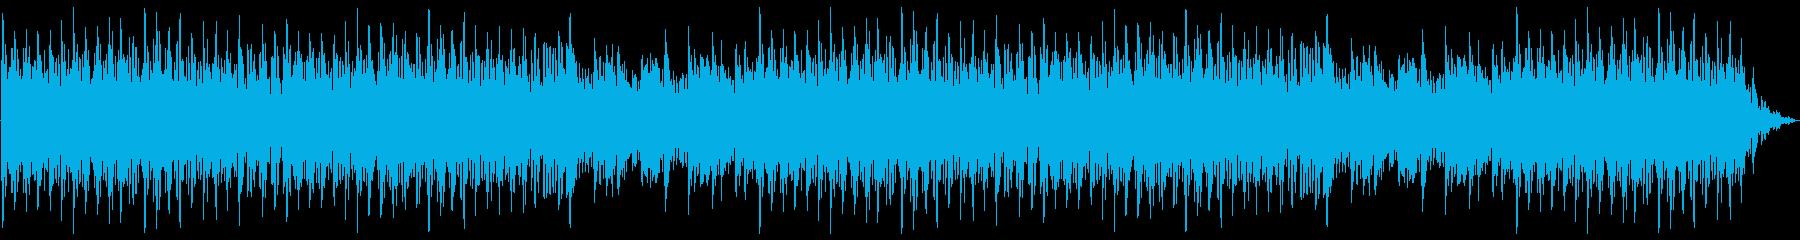 気高さと疾走感を描くクラシック曲:編集Aの再生済みの波形